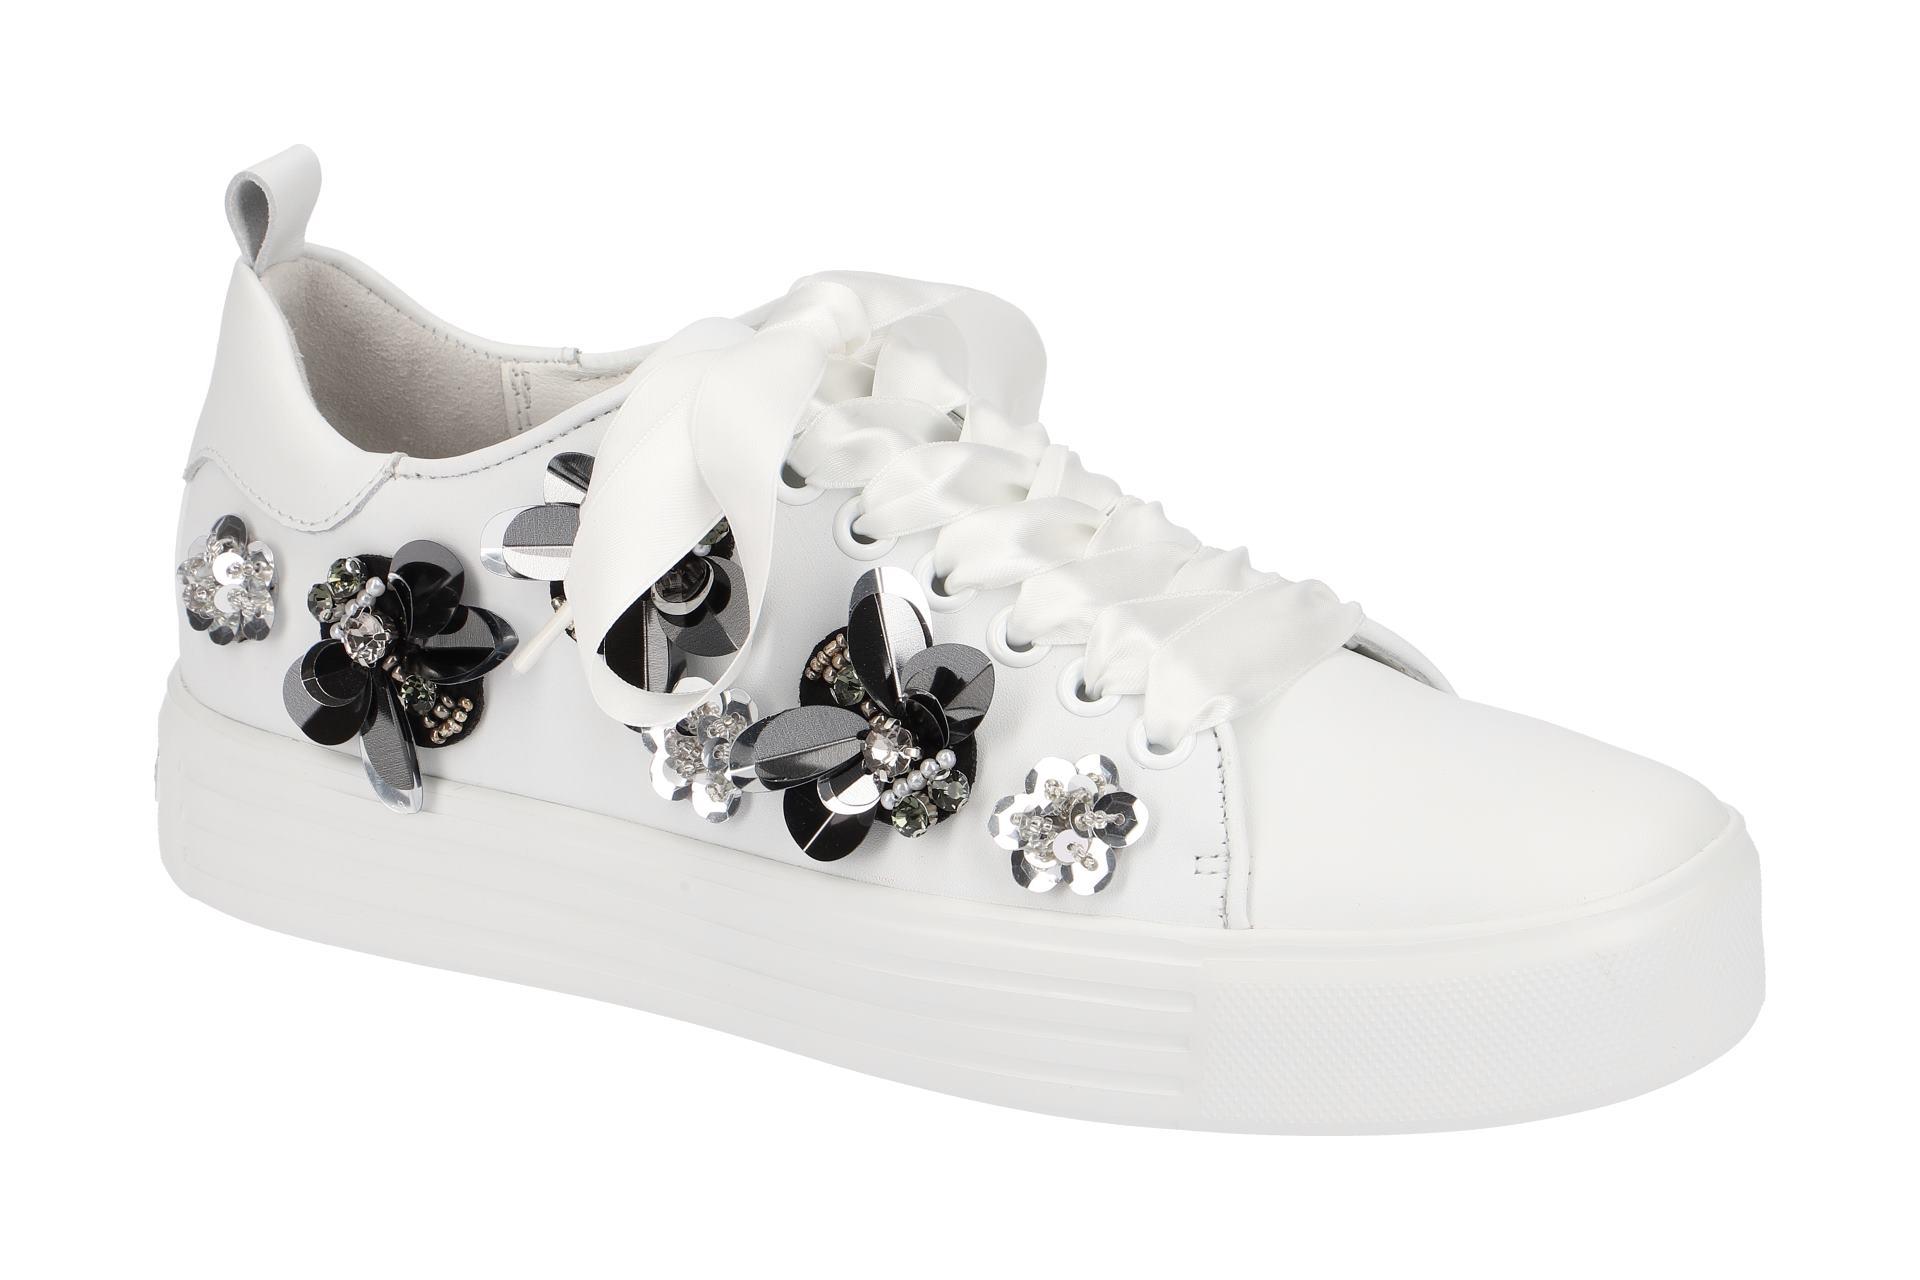 K&S UP Sneaker Schuhe schwarz Lack | Schuhhaus Strauch